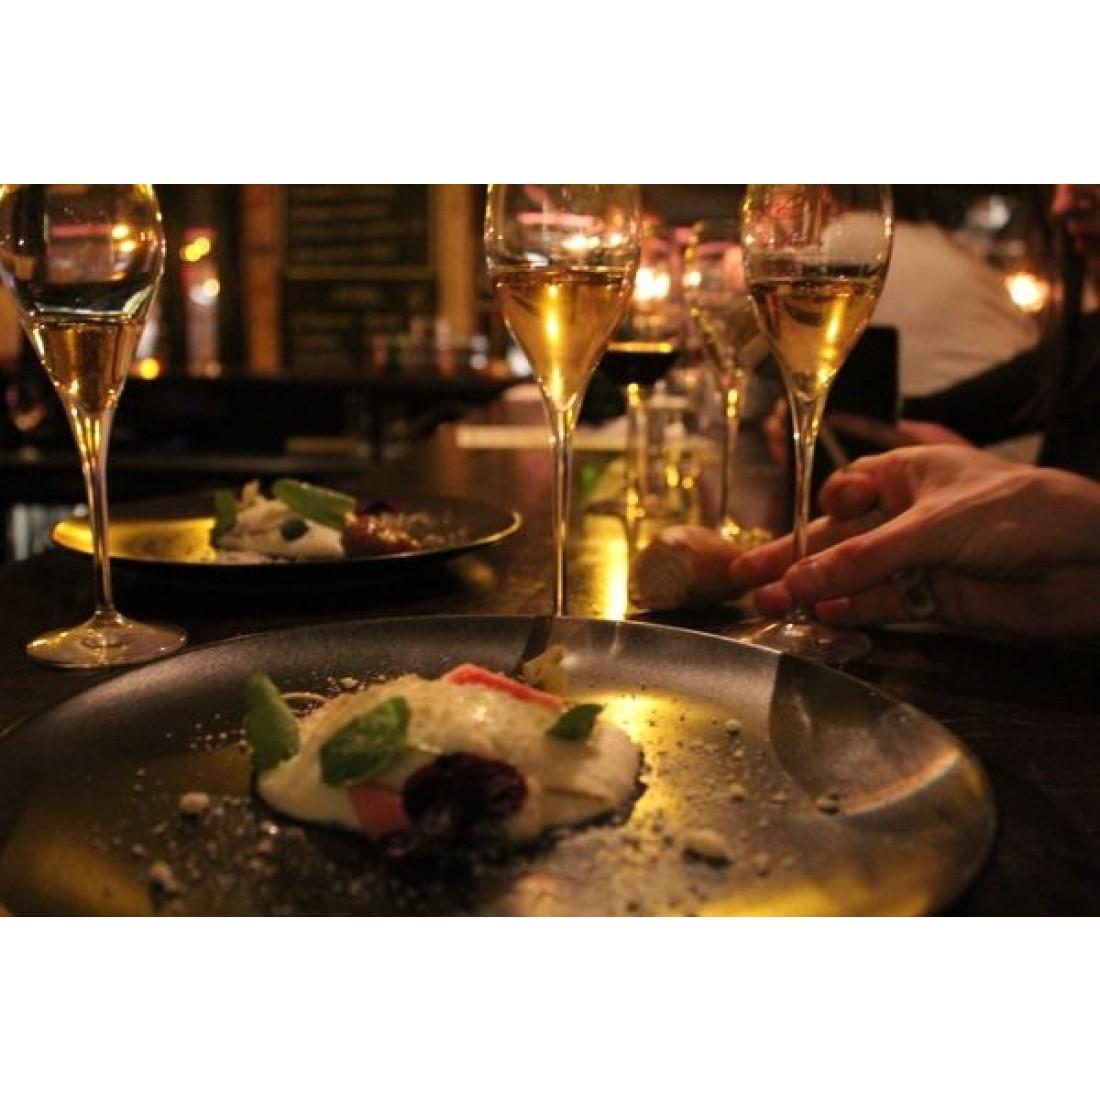 Champagnemiddag på Vesterbro Vinstue tirsdag den 19. januar kl. 18.30-31